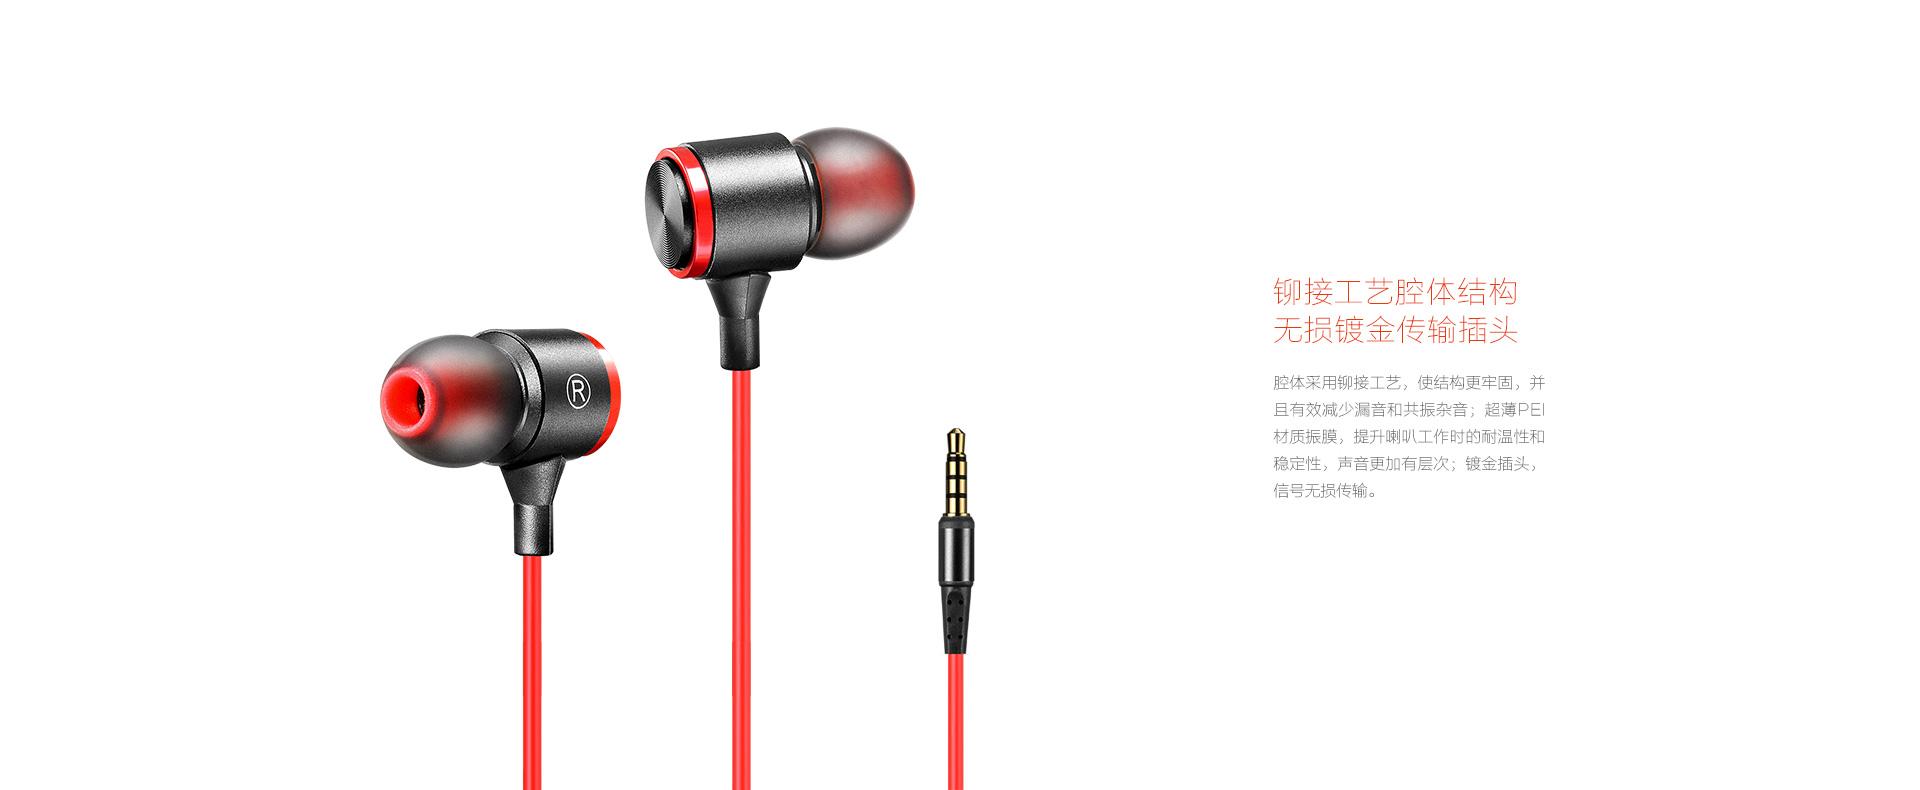 【智能手机耳机】 nubia 红魔耳机——努比亚nubia